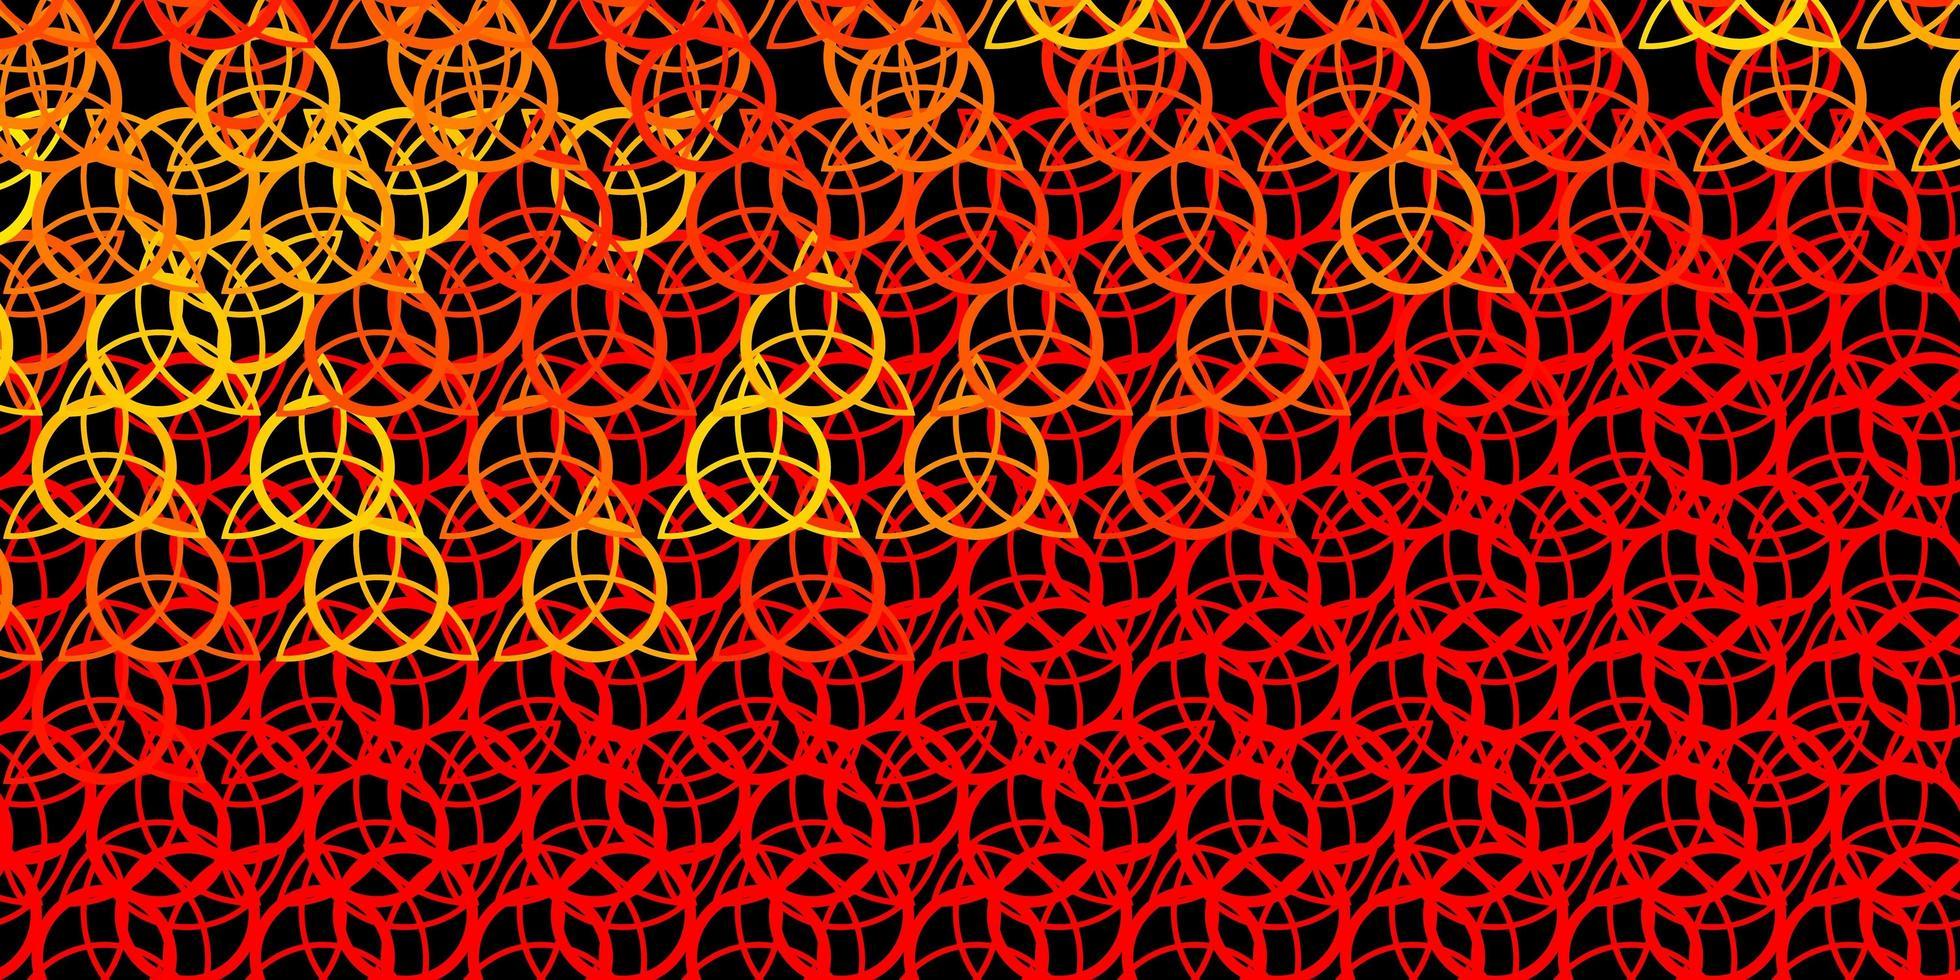 donkerrode, gele vectortextuur met godsdienstsymbolen. vector